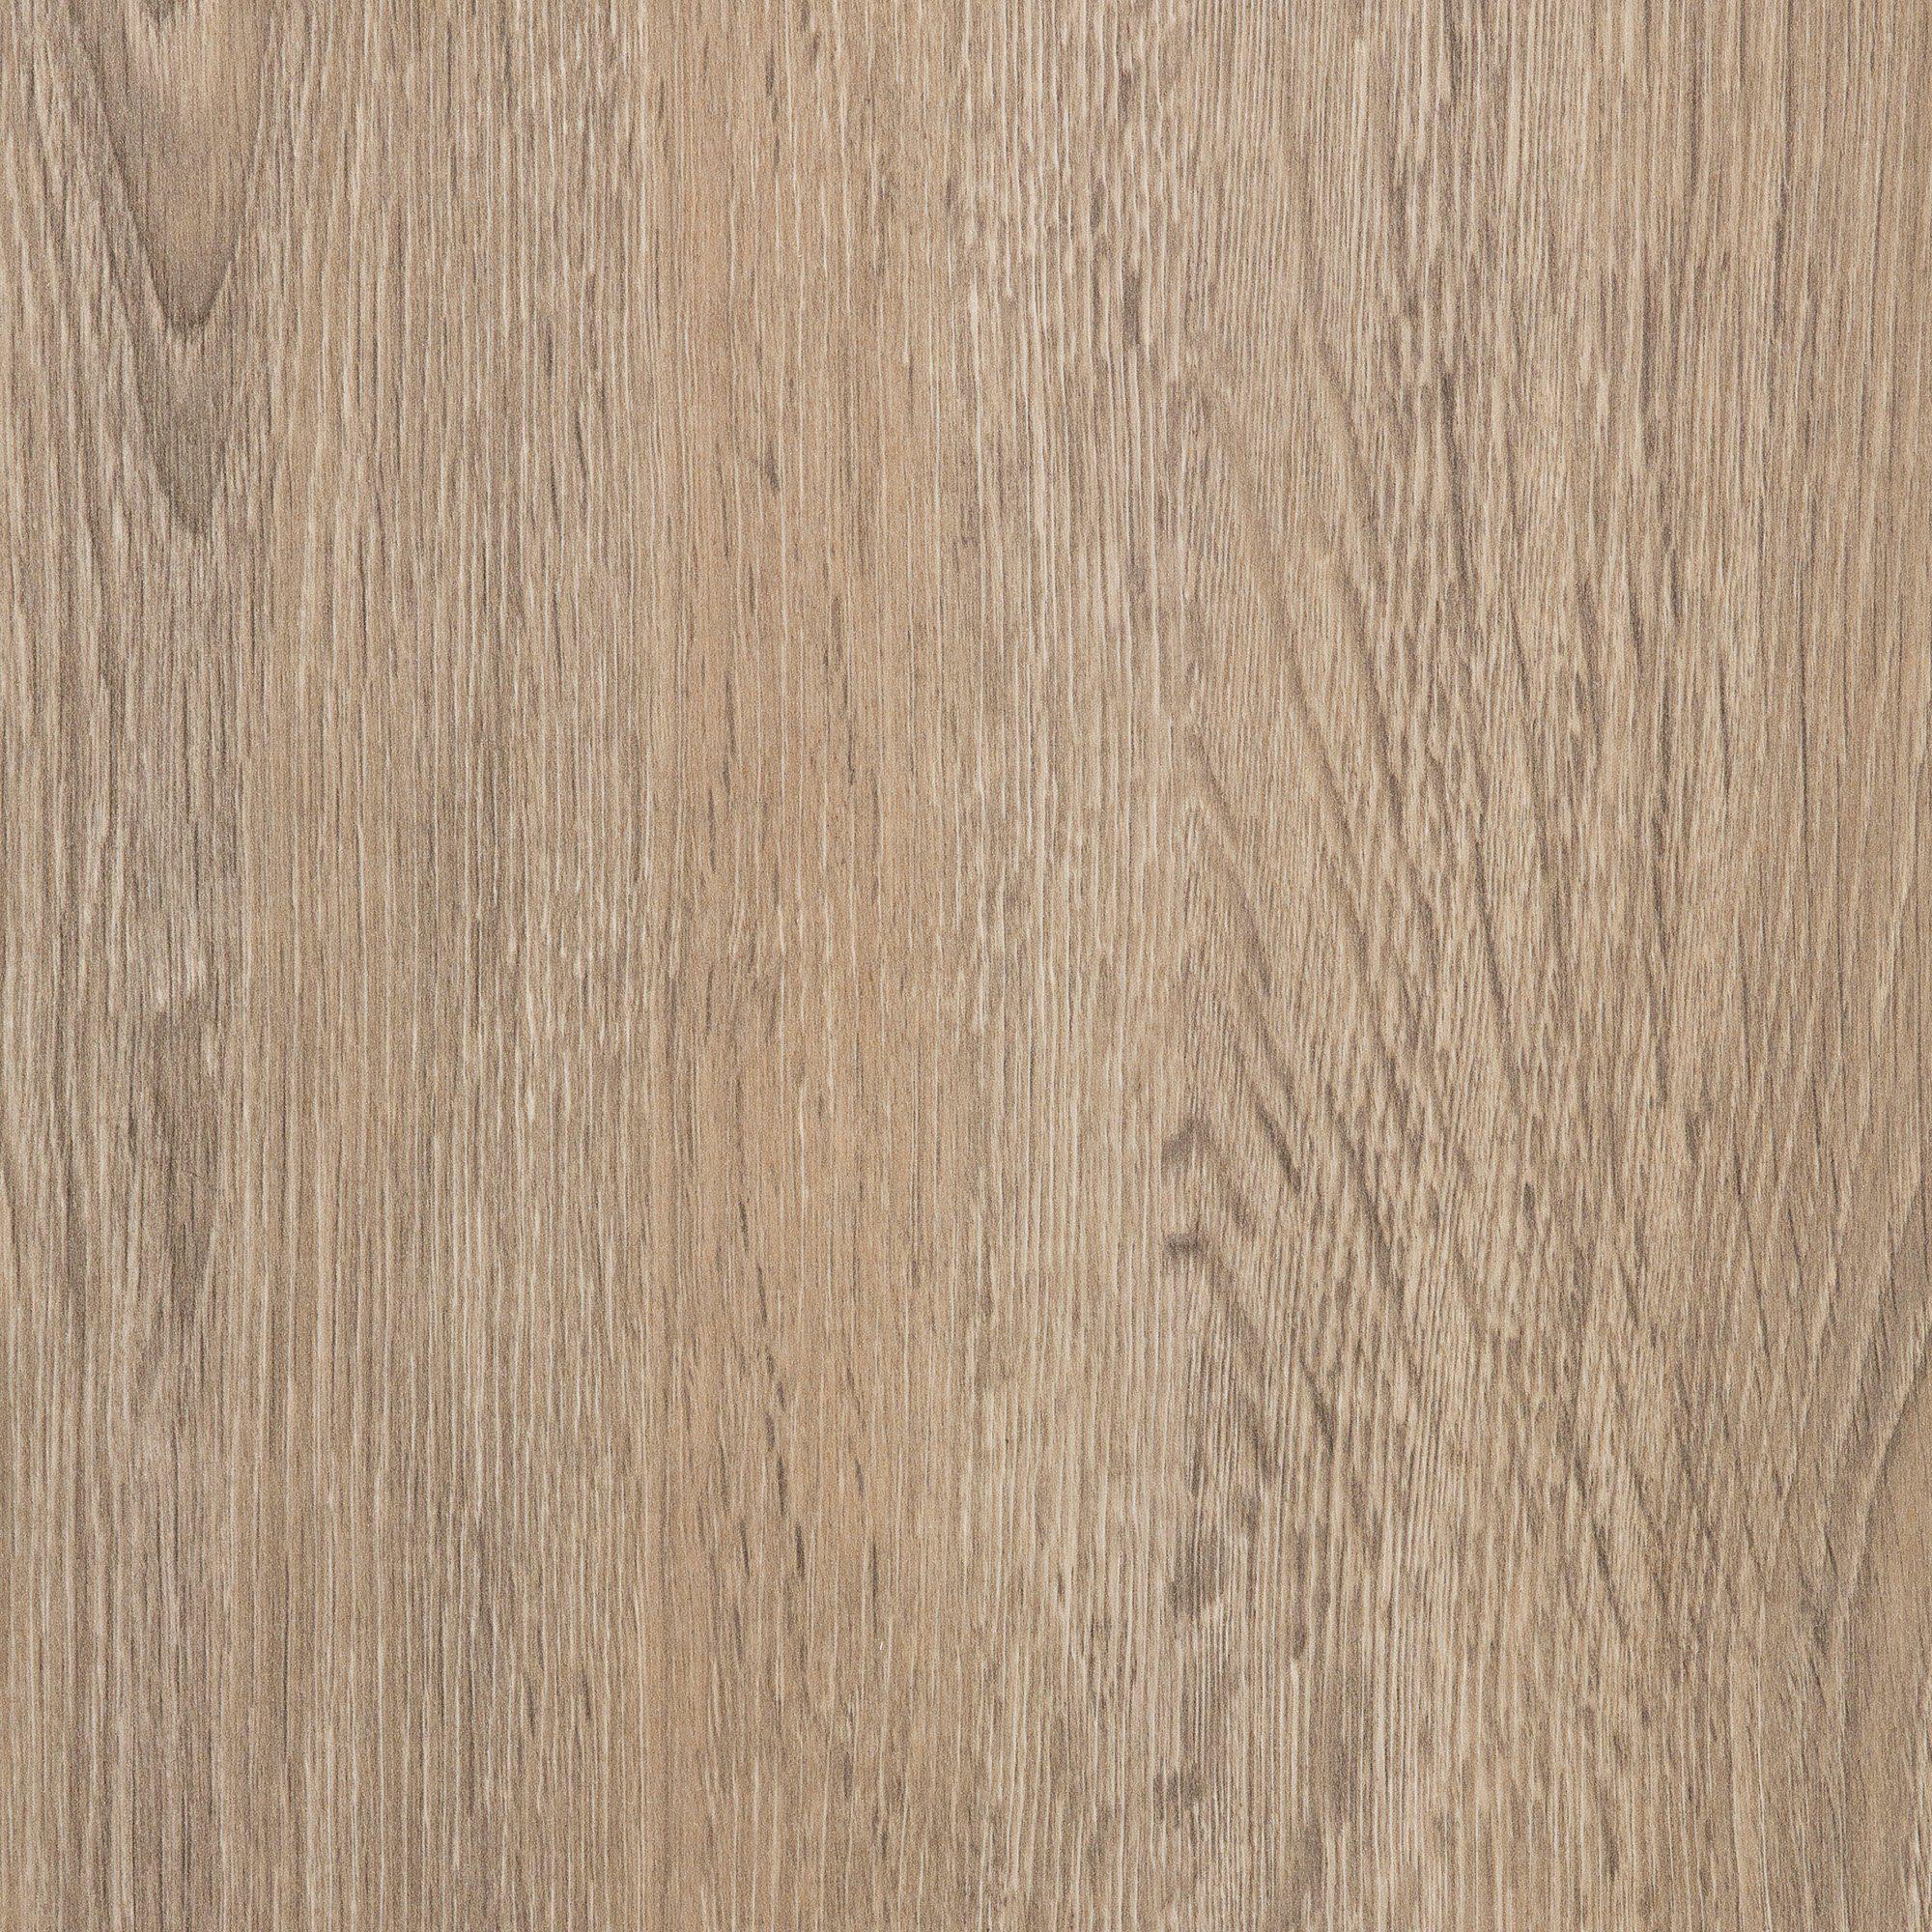 BODENMEISTER Packung: Laminat »Dielenoptik Eiche hell-beige weiß«, Landhausdiele 217 x 24 cm